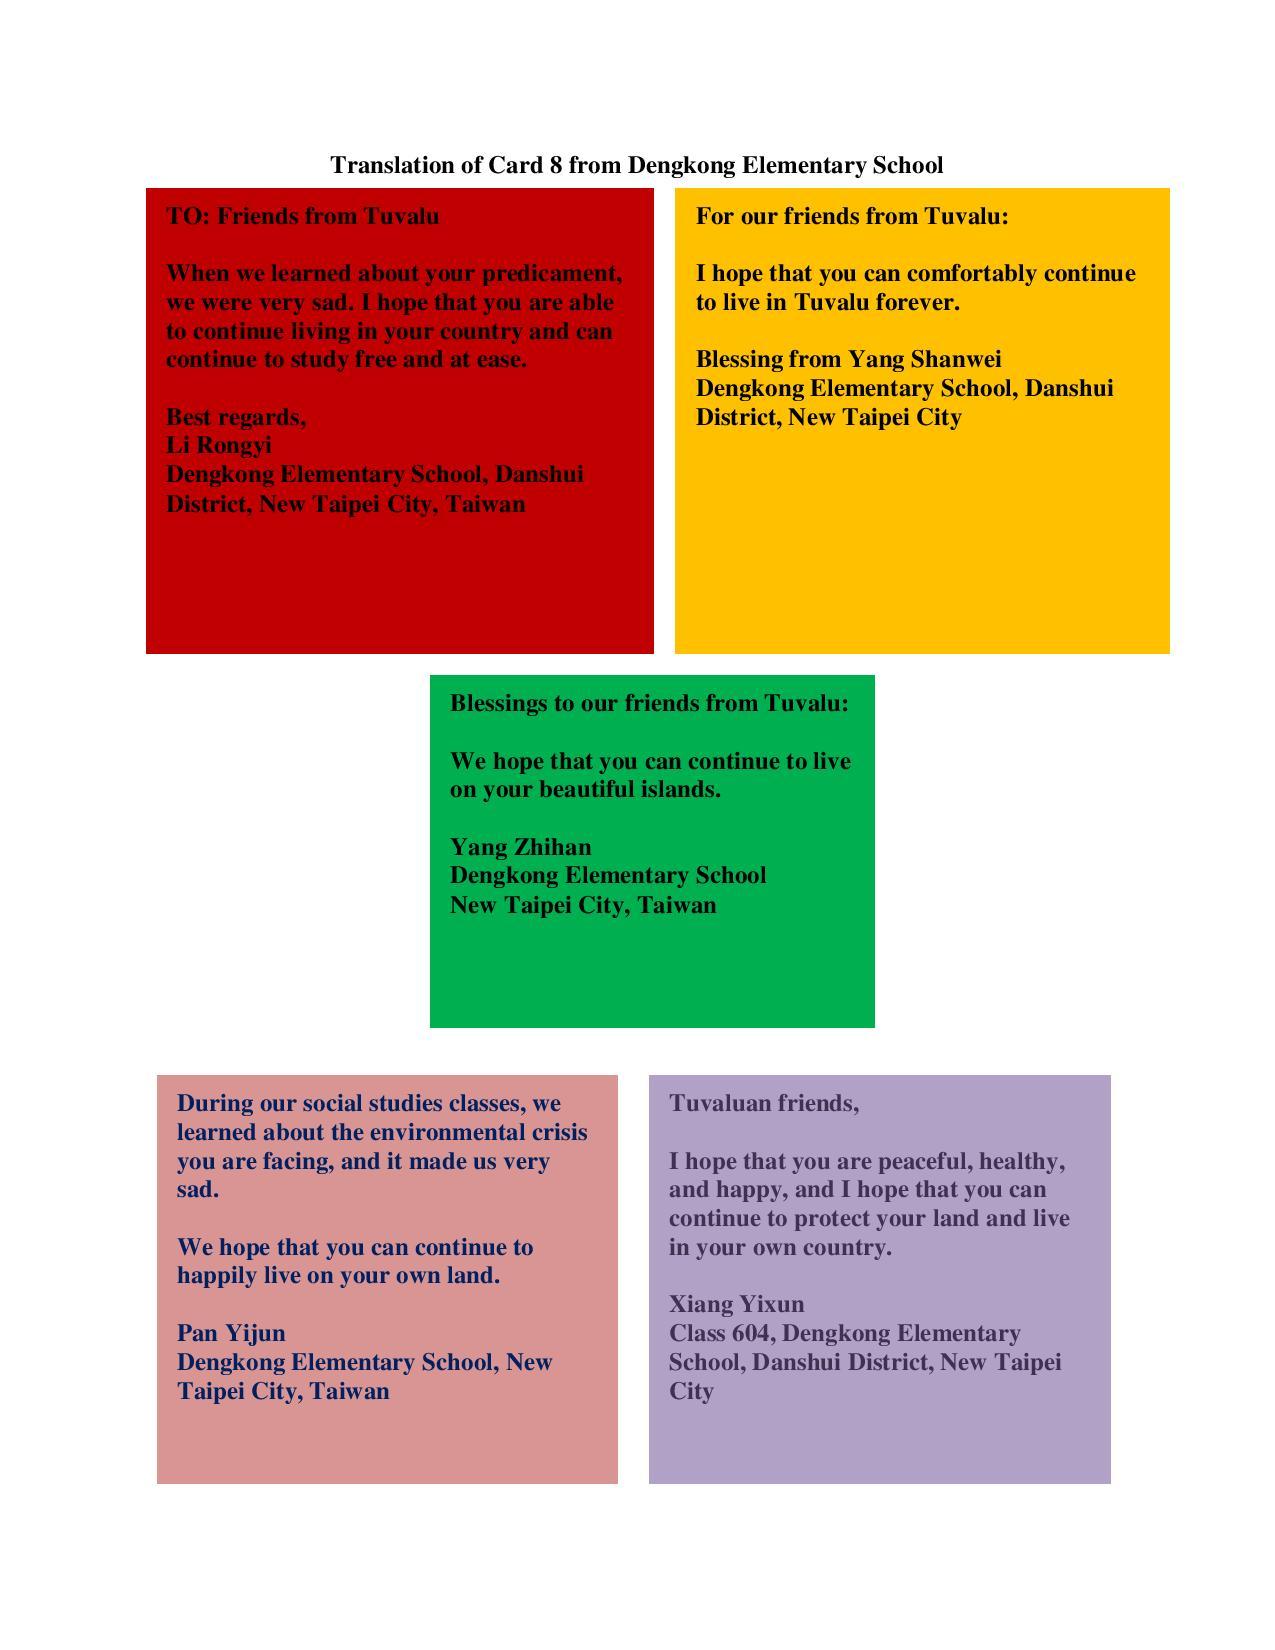 鄧公翻譯2015 0601st Translations of Cards from Dengkong Elementary School-page-003.jpg